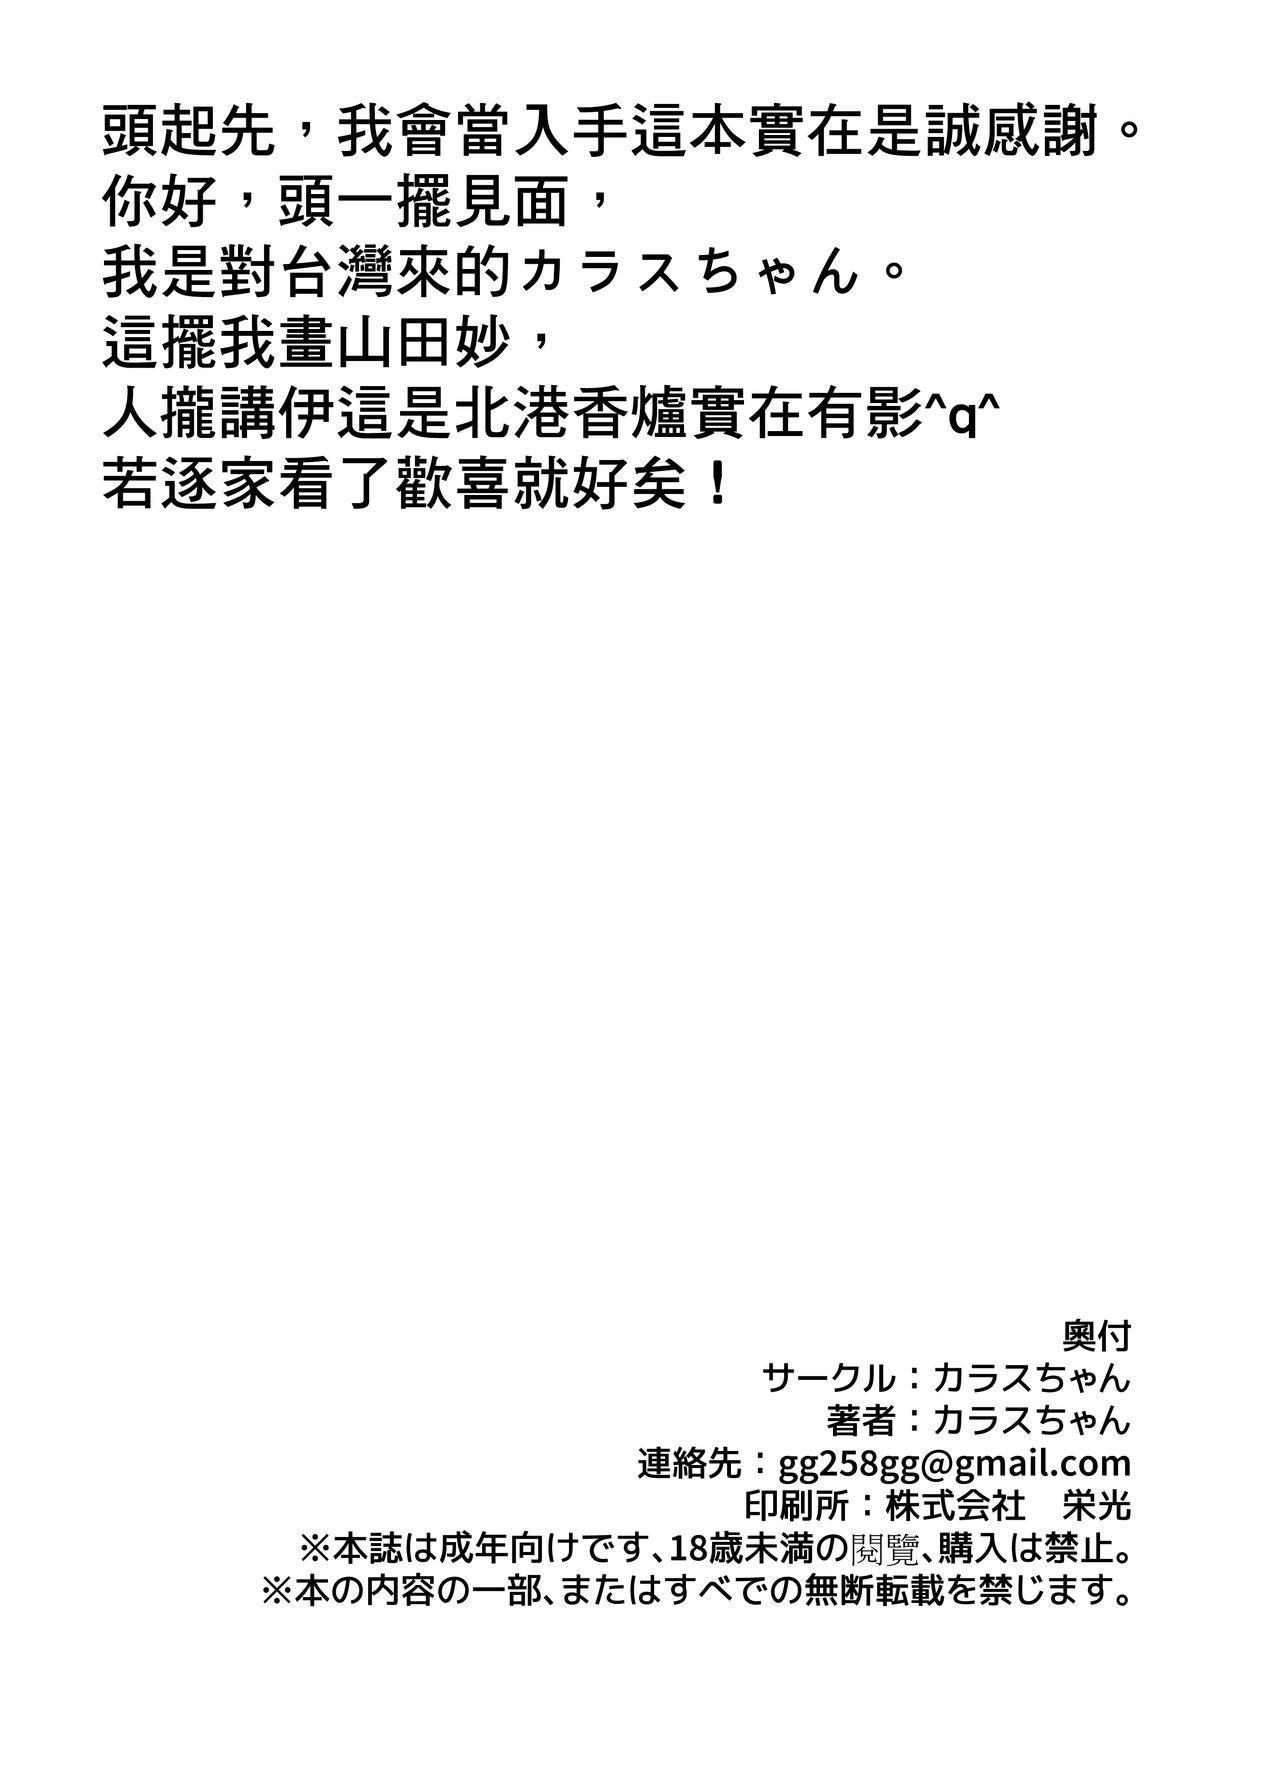 Densetsu no Hon 22